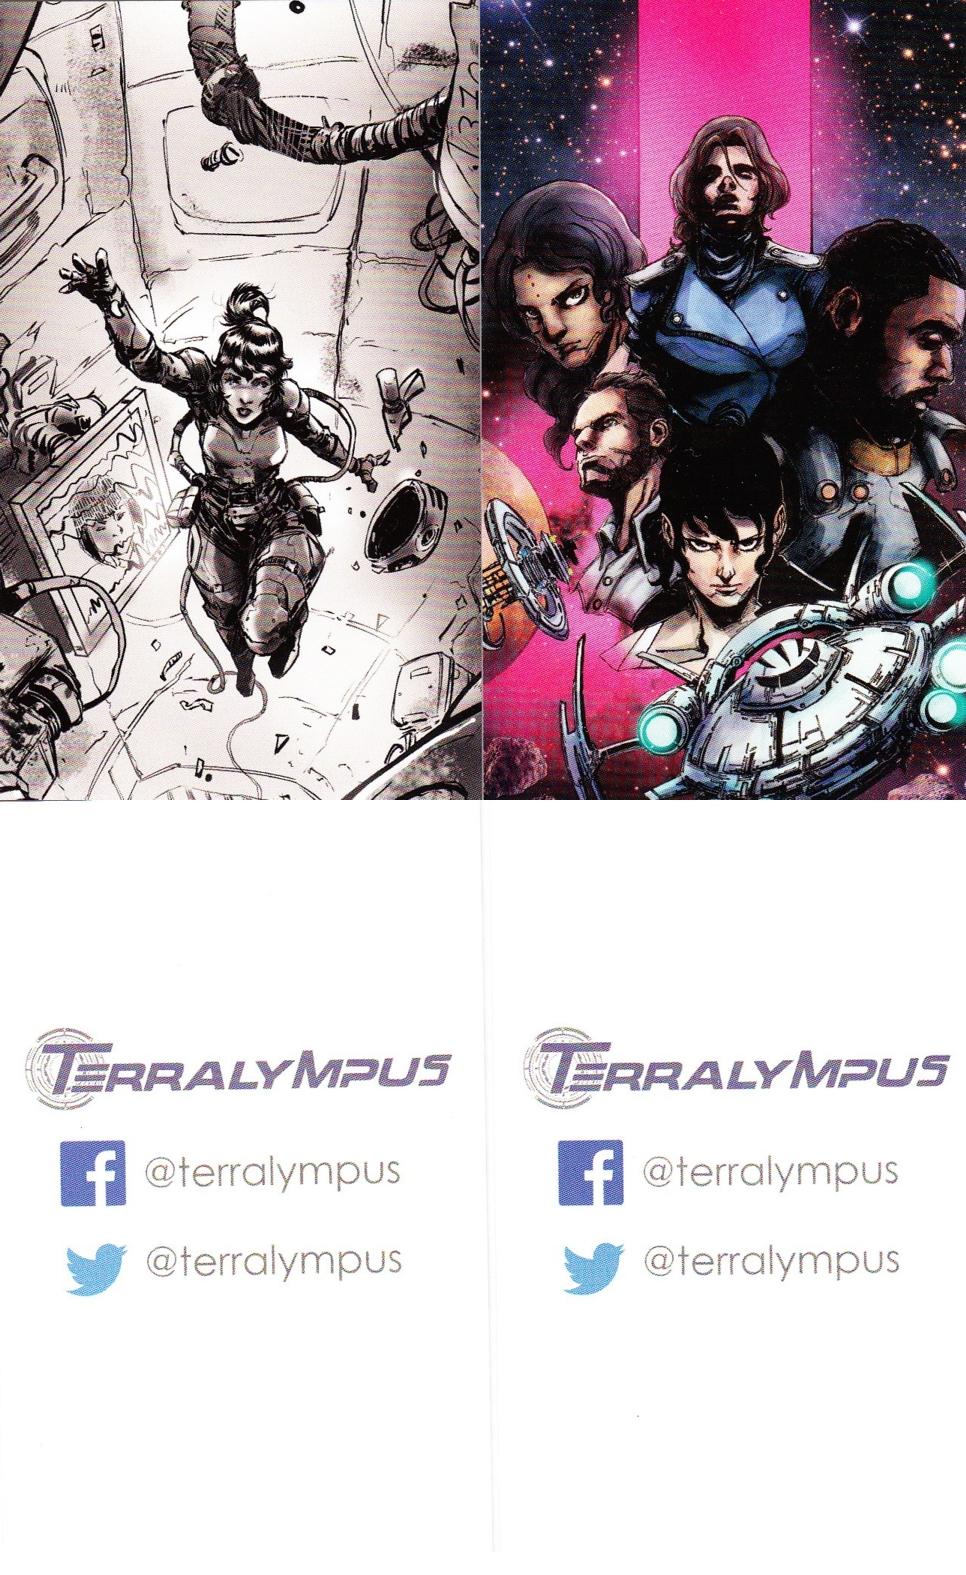 Terralympus Cards